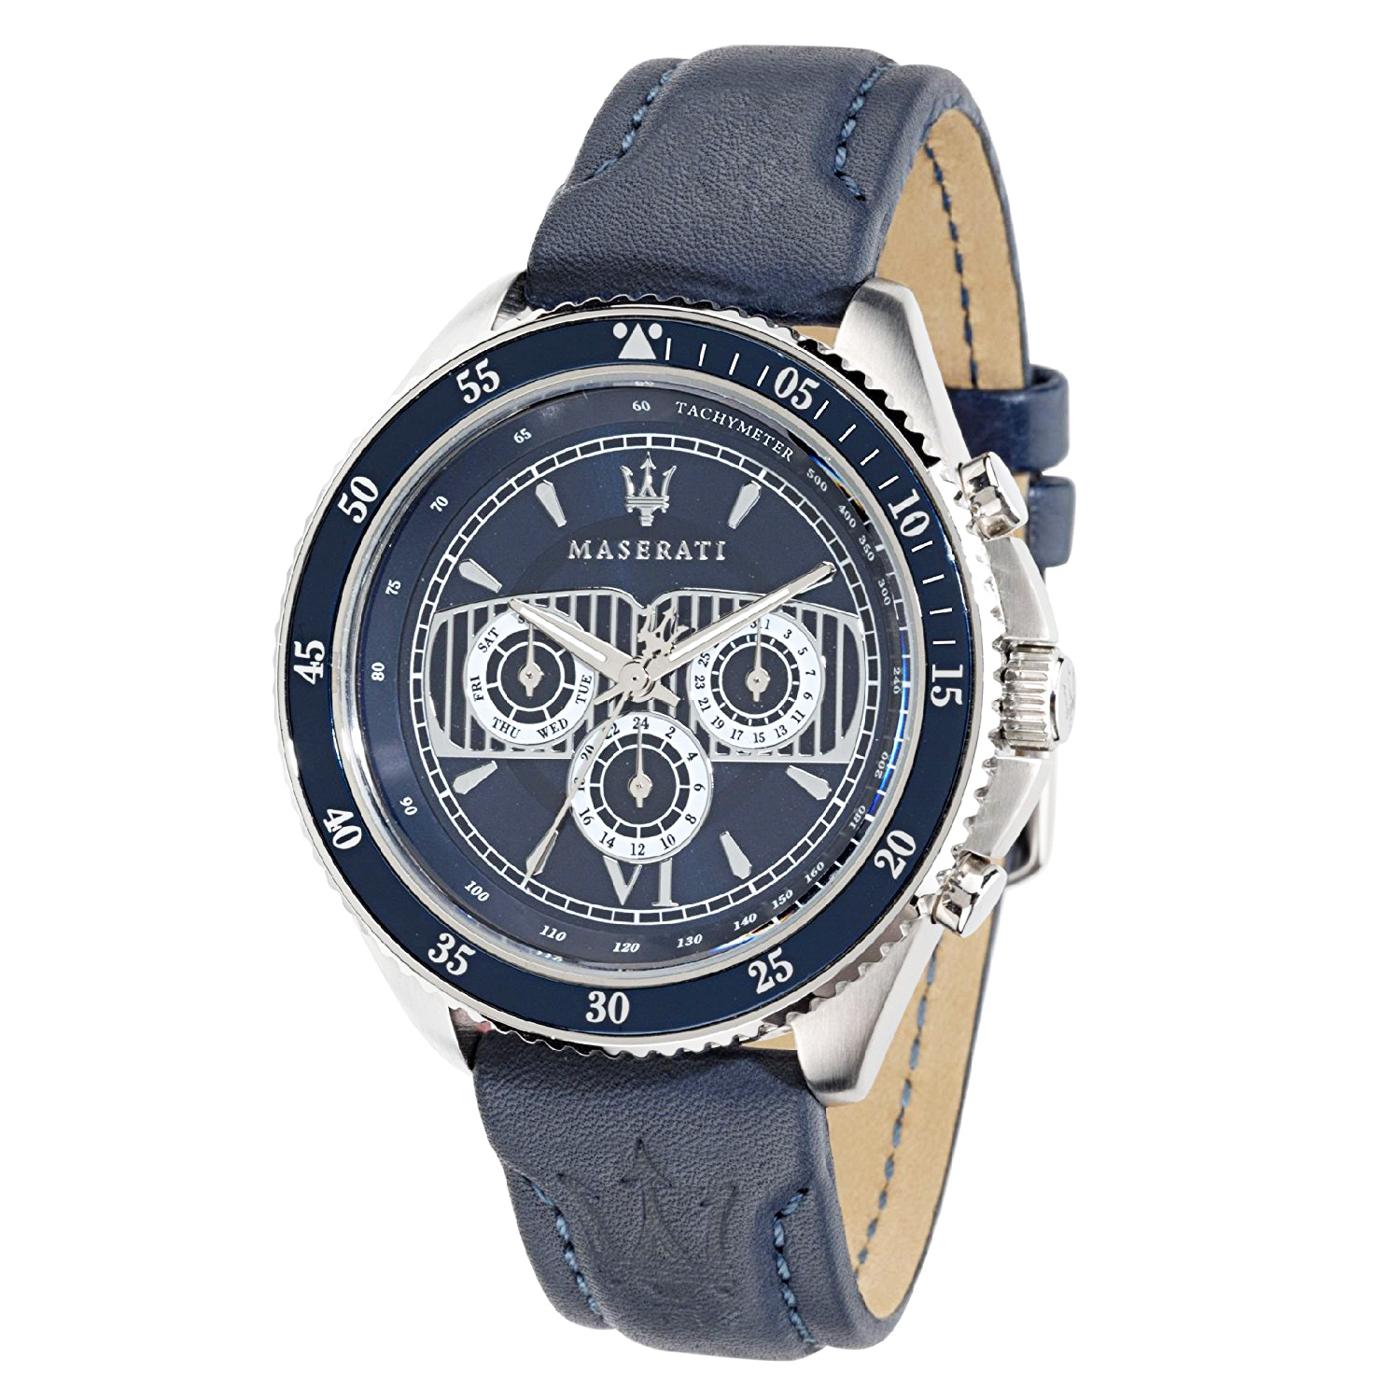 MASERATI WATCH-瑪莎拉蒂手錶-深海藍款-R8851101002-錶現精品公司-原廠正貨-鏡面保固一年